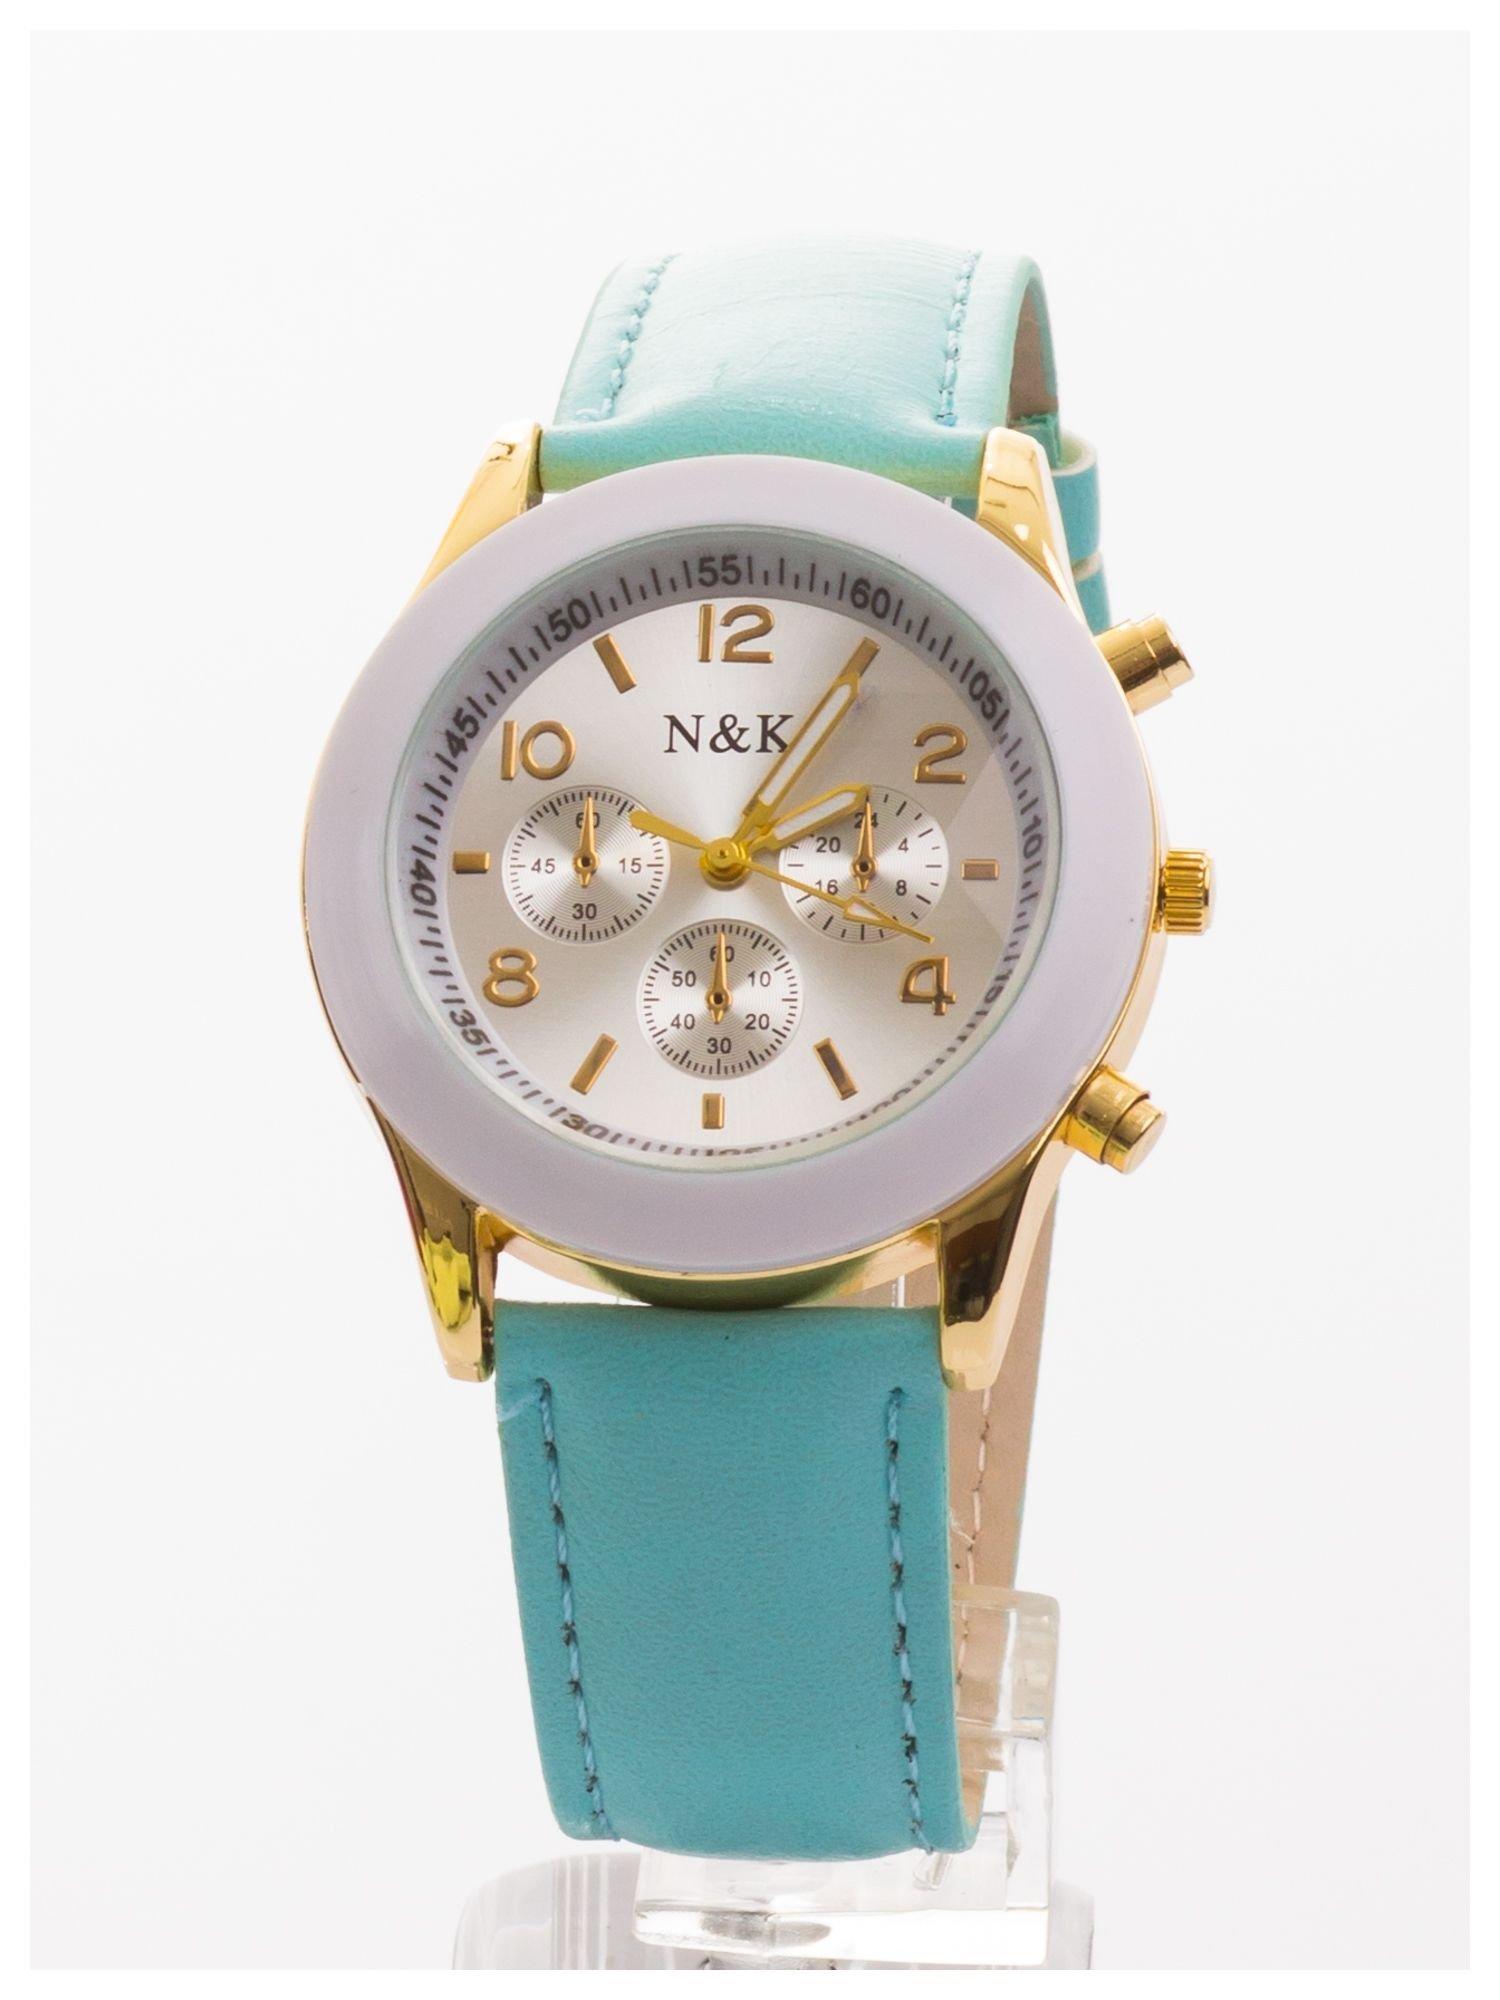 Miętowy damski zegarek z ozdobnym tachometrem                                  zdj.                                  1